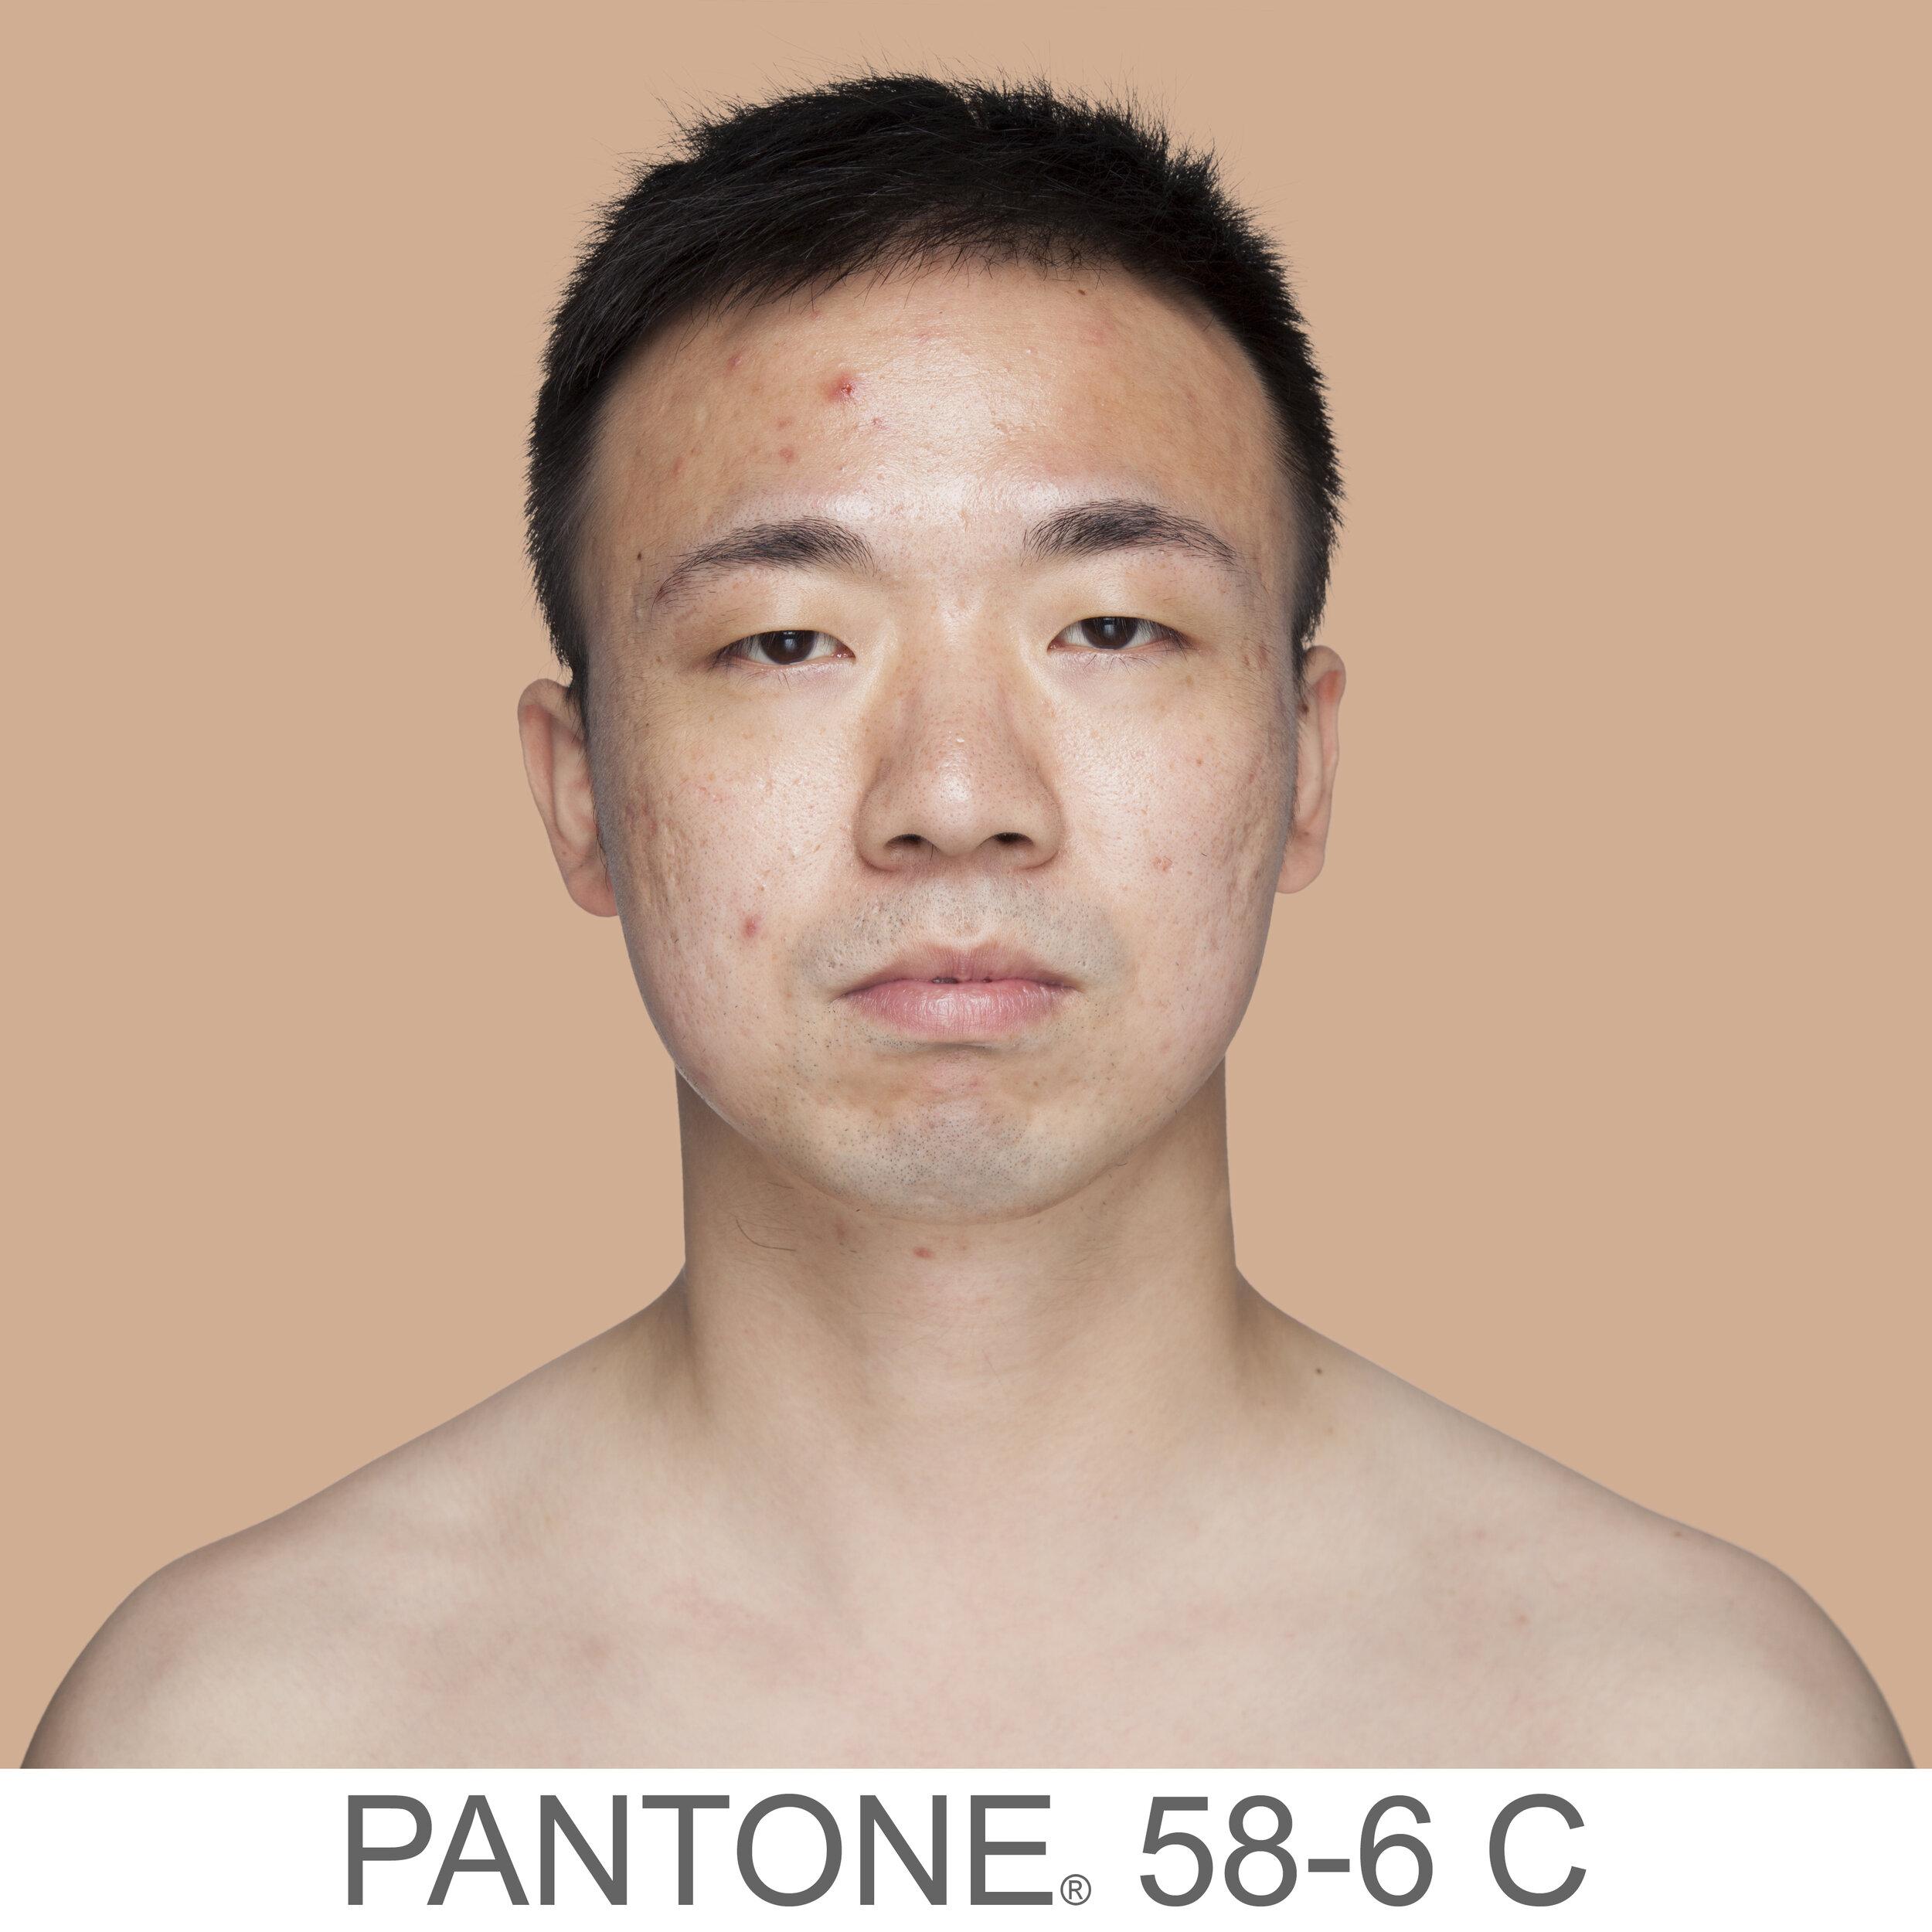 humanae 58-6 C2 CN copia.jpg